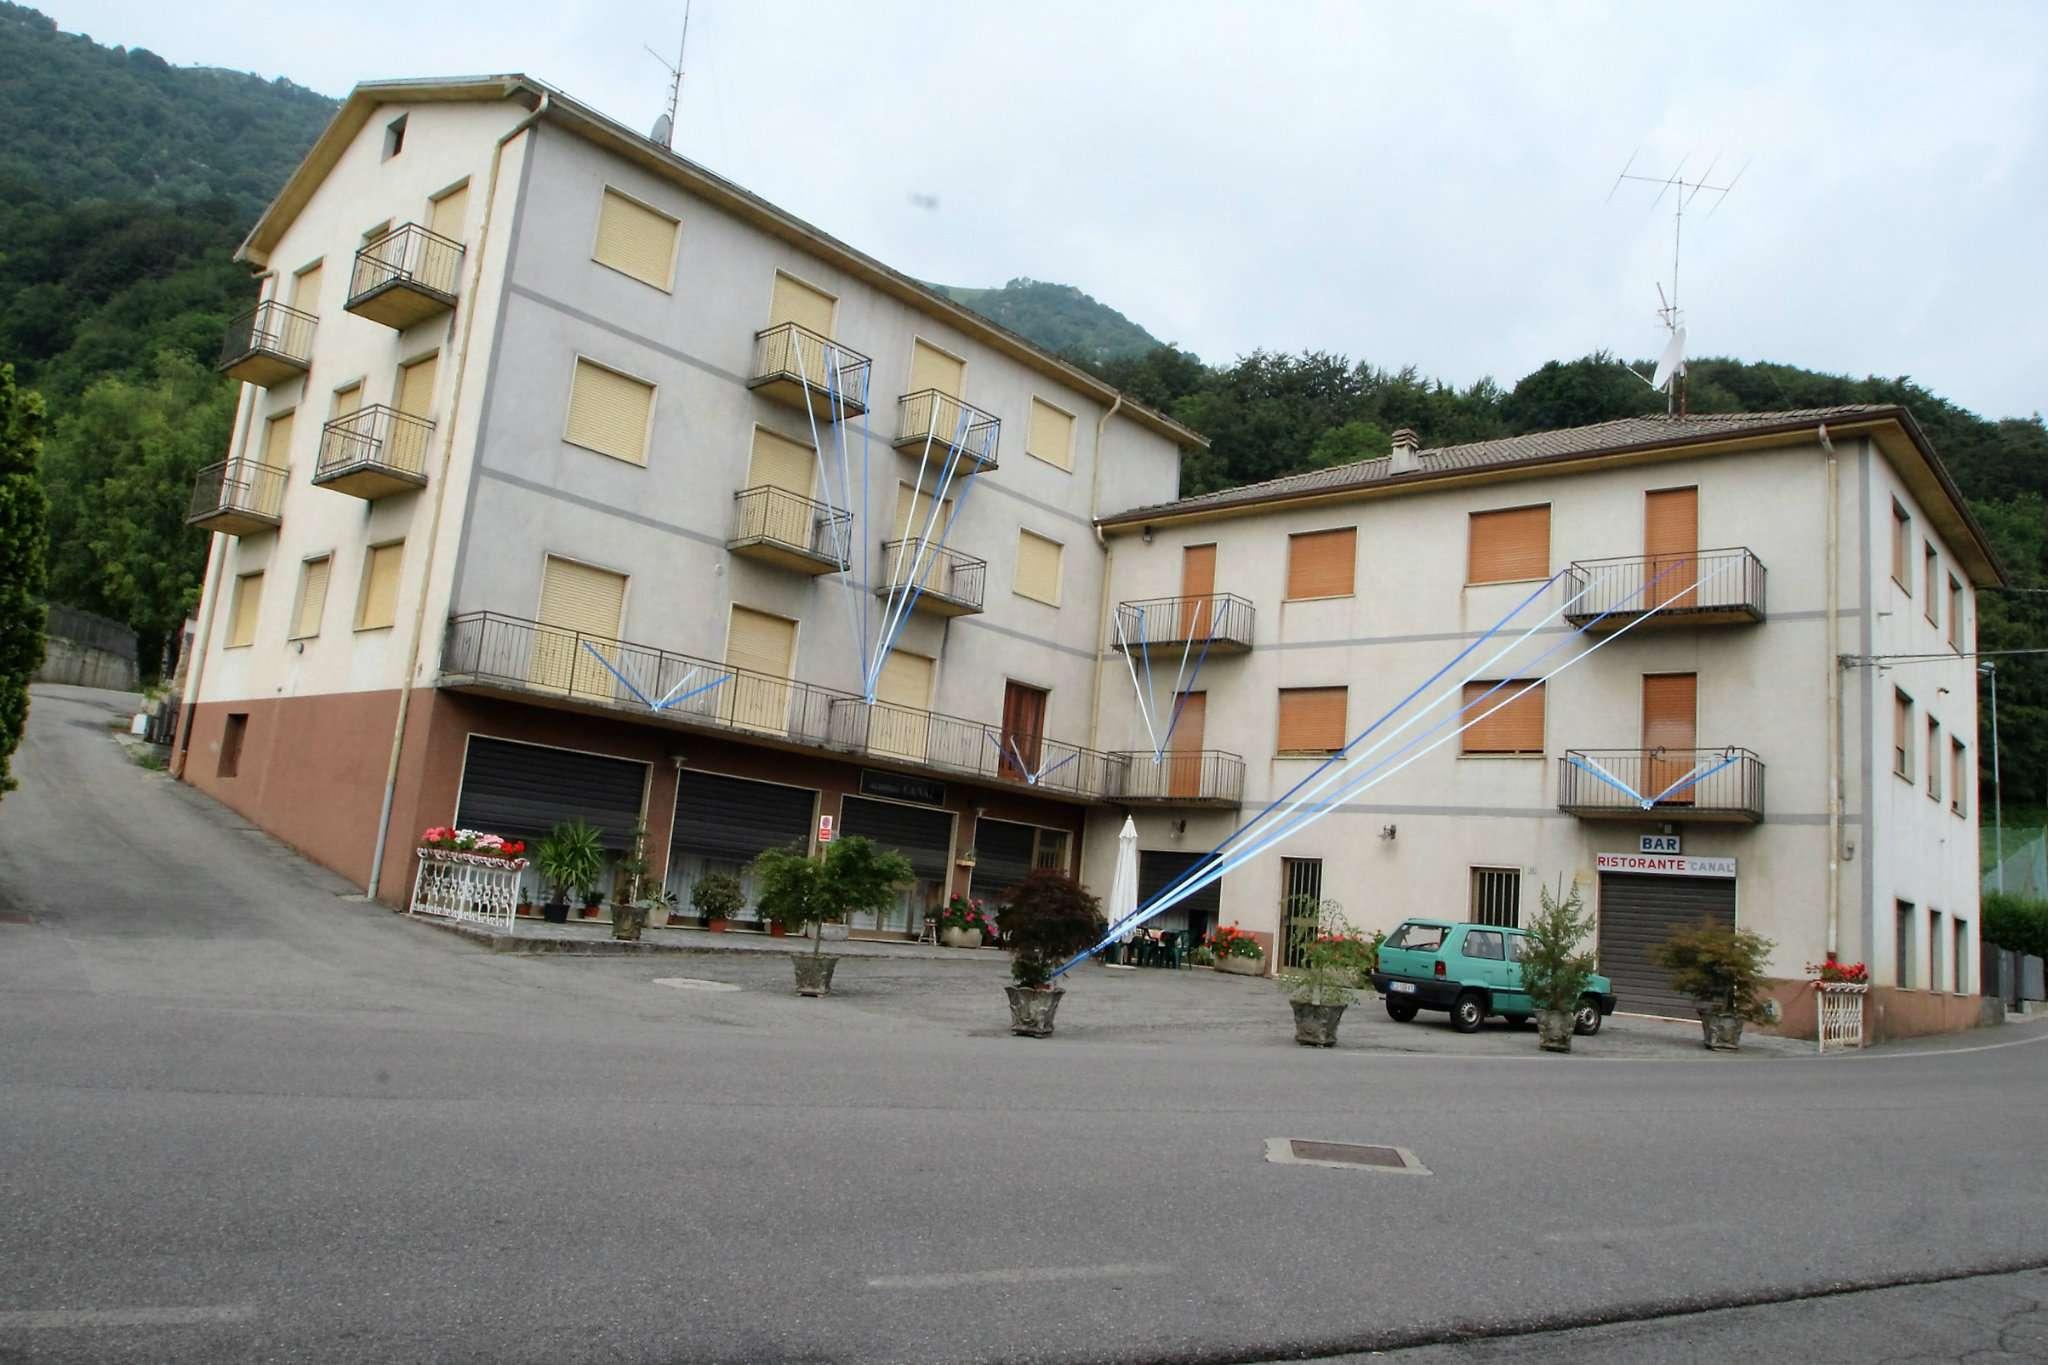 Negozio / Locale in vendita a Roncola, 6 locali, prezzo € 549.000 | CambioCasa.it